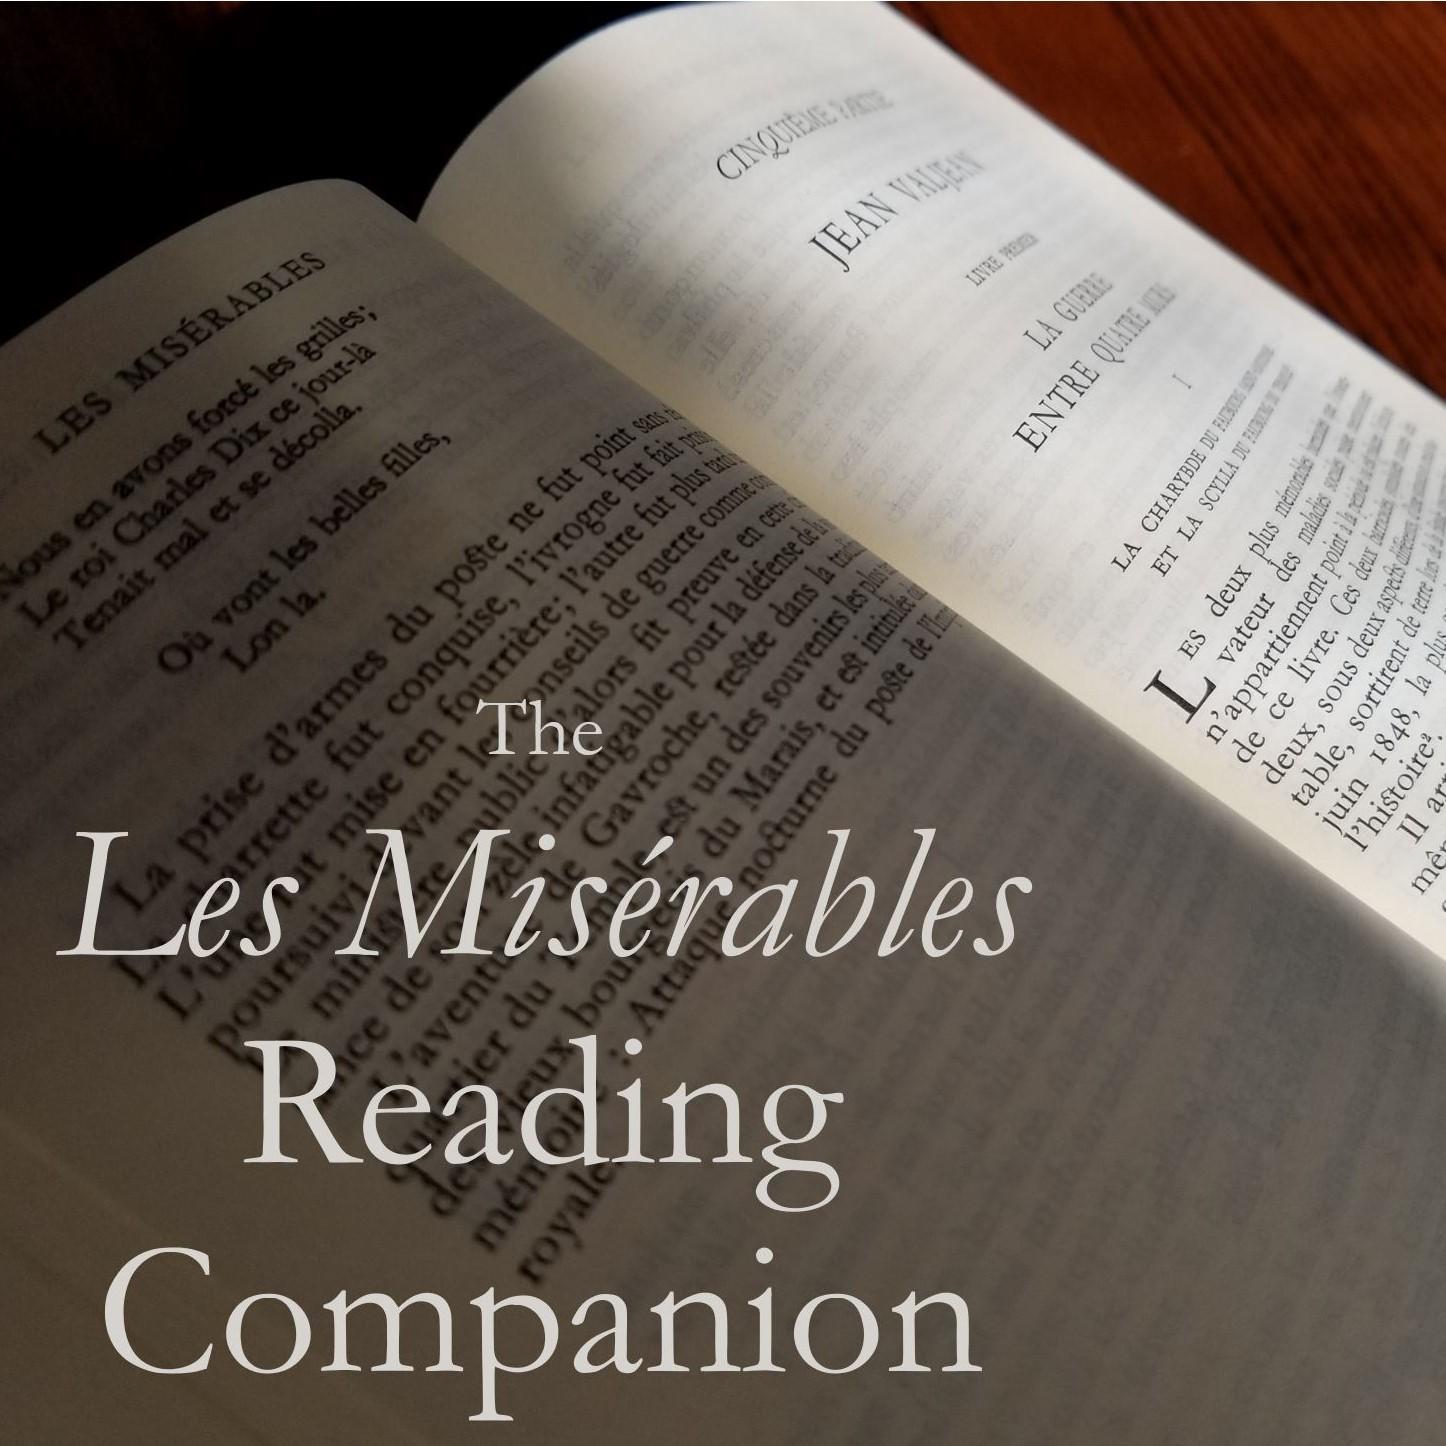 The Les Misérables Reading Companion show art